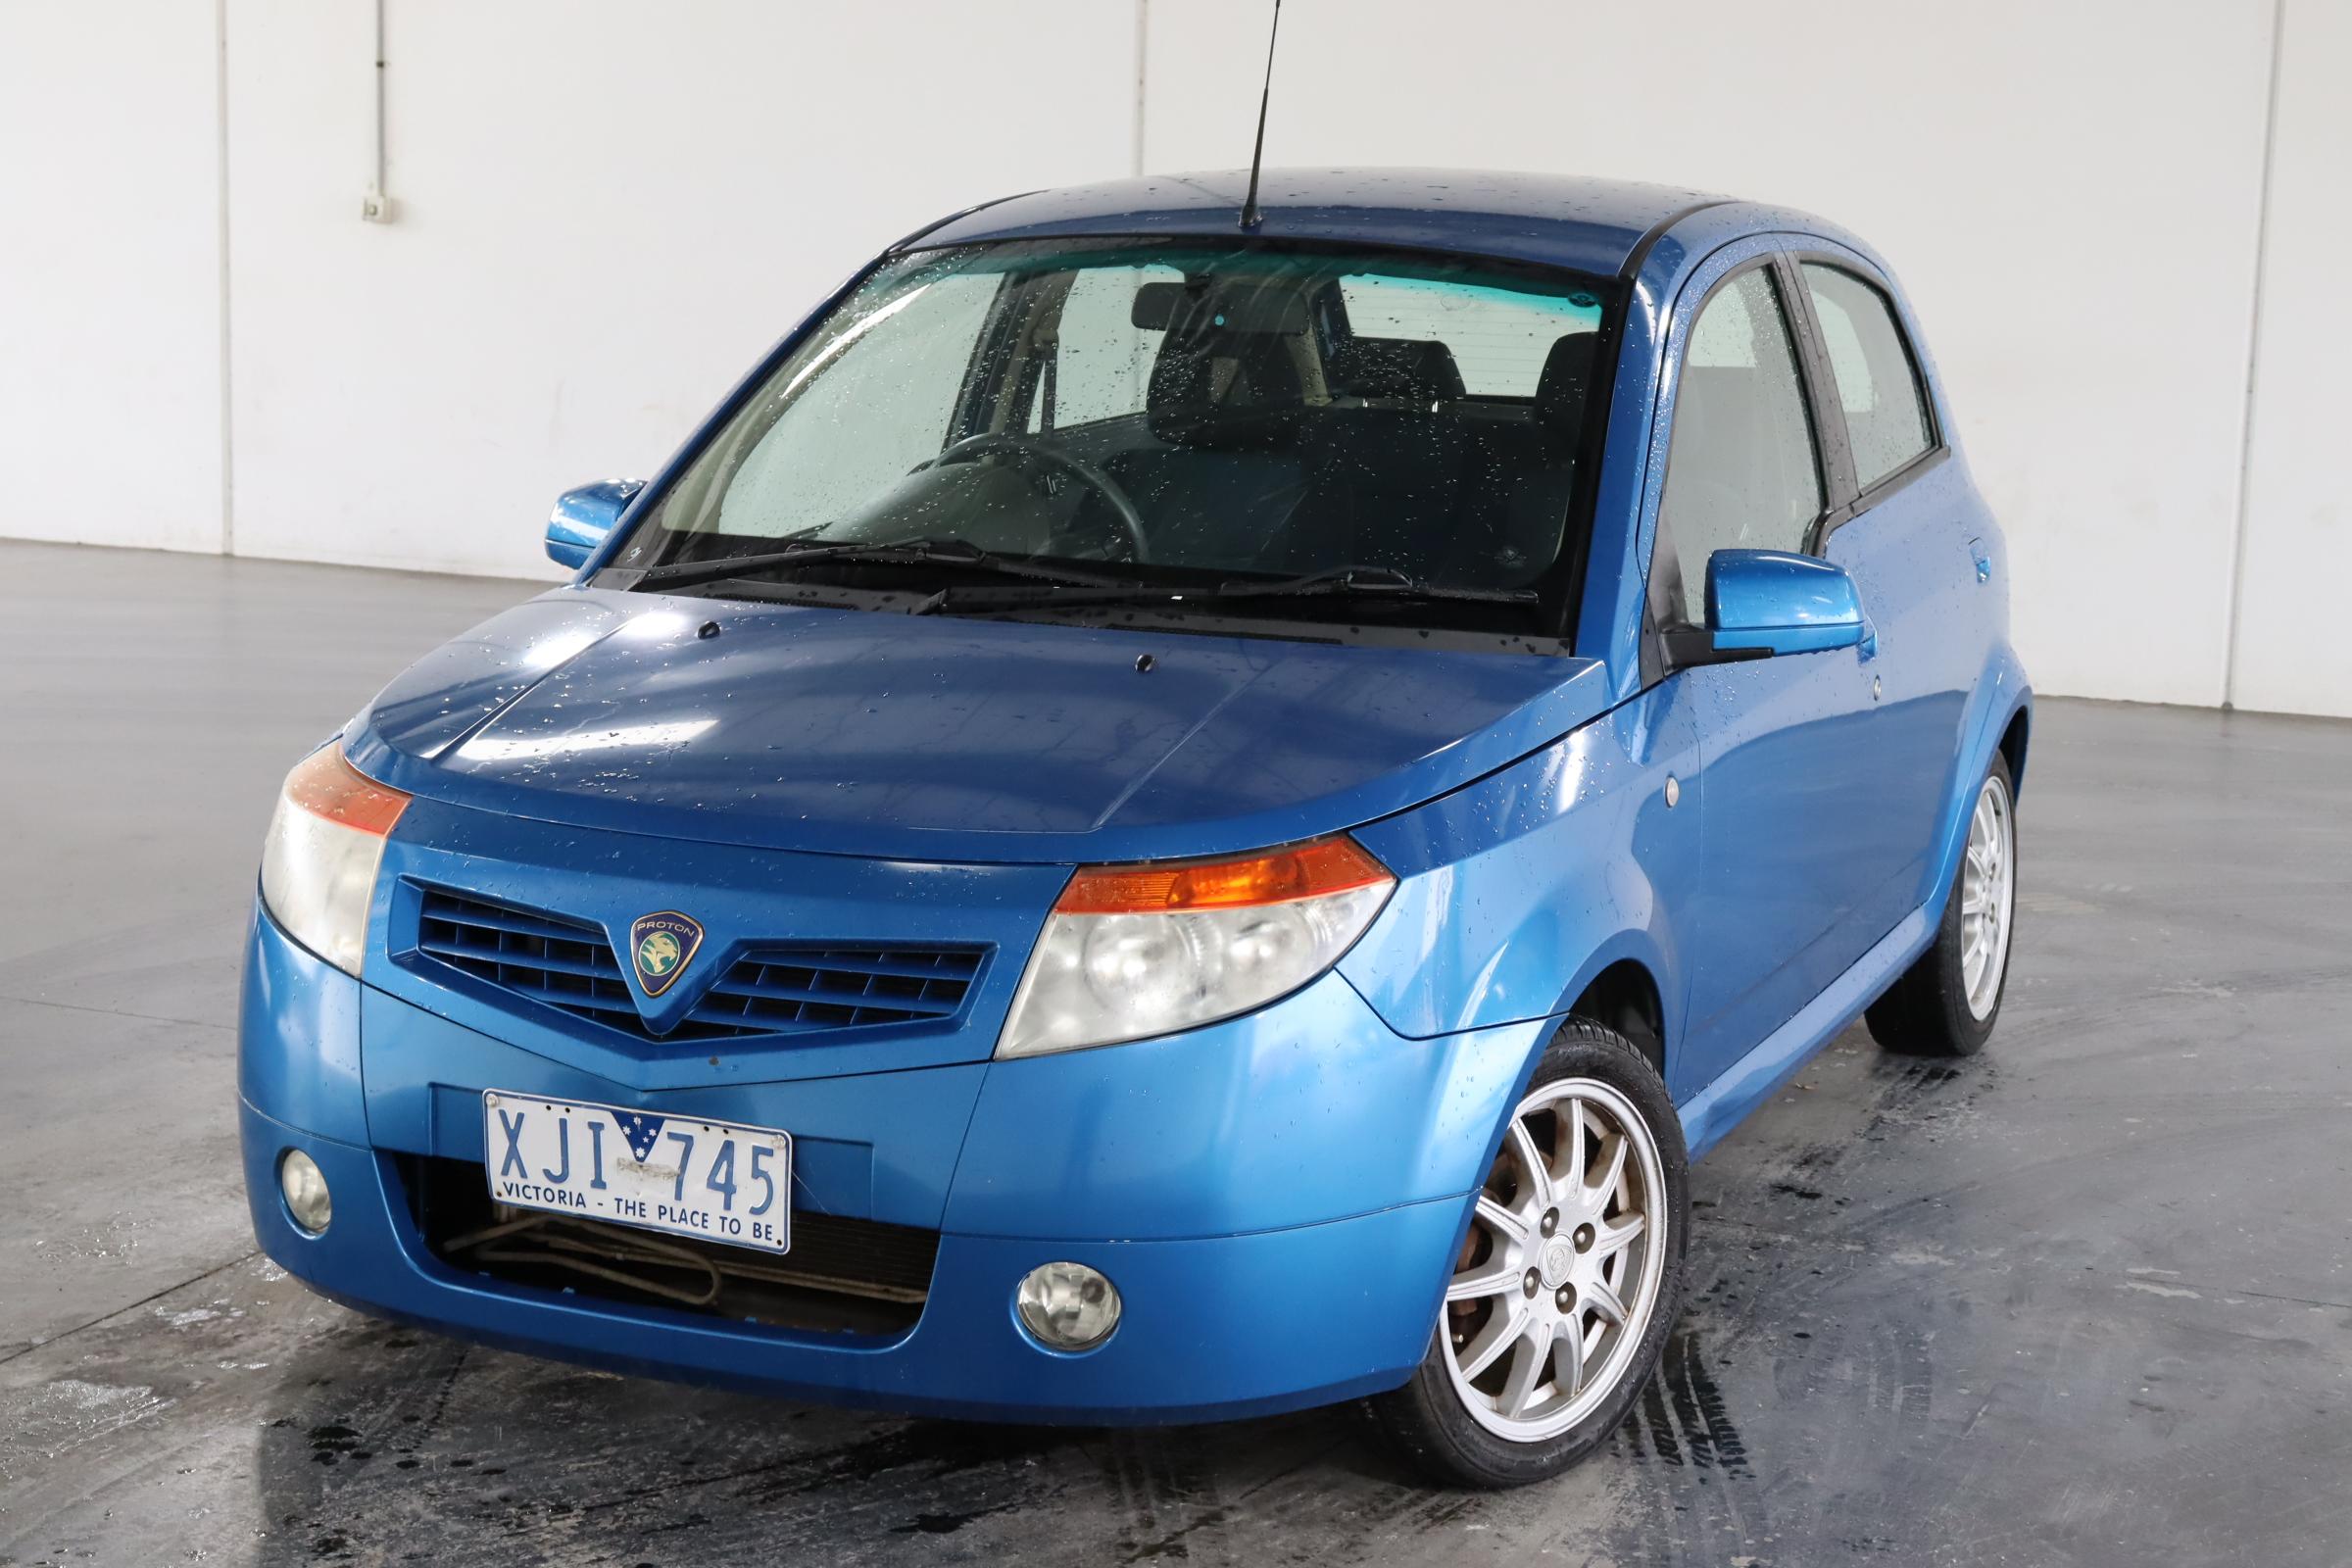 2007 Proton Savvy Manual Hatchback